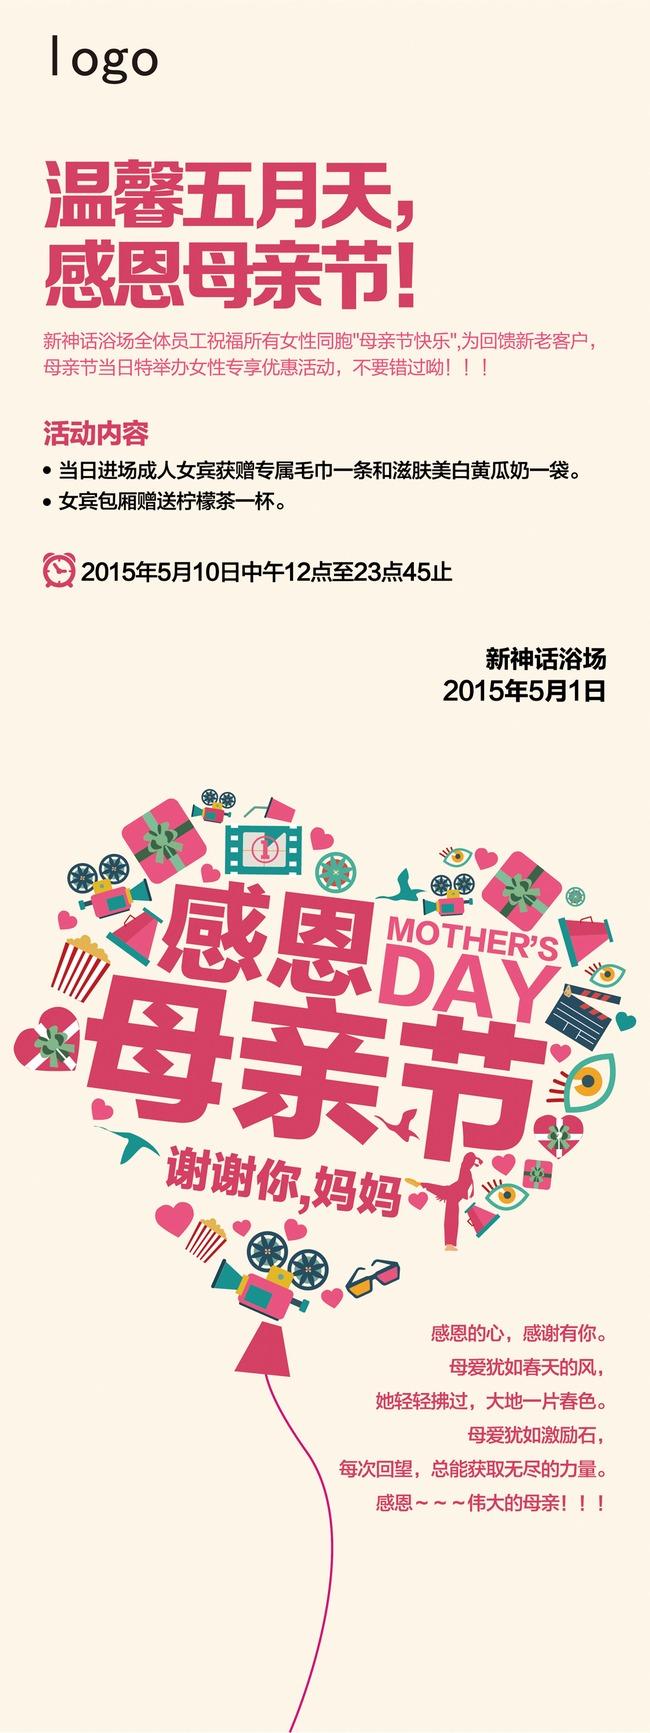 母亲节的图片 母亲节宣传单 宣传单 宣传单设计 宣传单模板 dm单 dm单